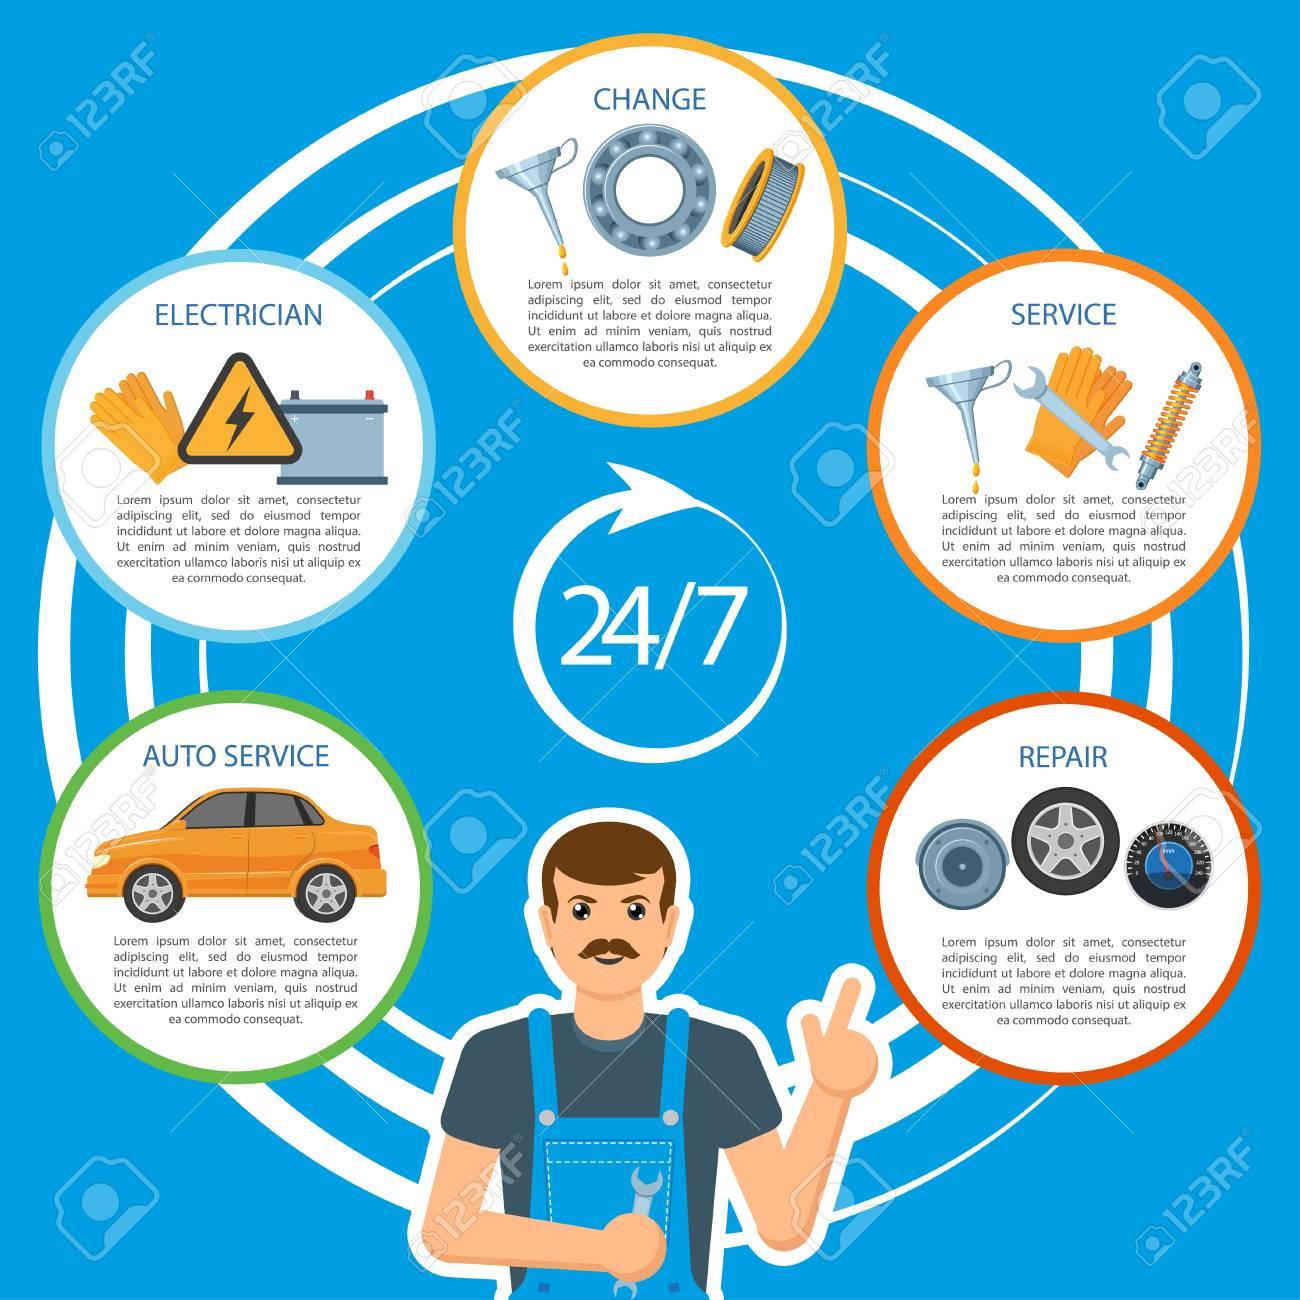 24 Hour Oil Change >> Vector Flat Car Repair 24 Hour Maintenance Mechanics Services